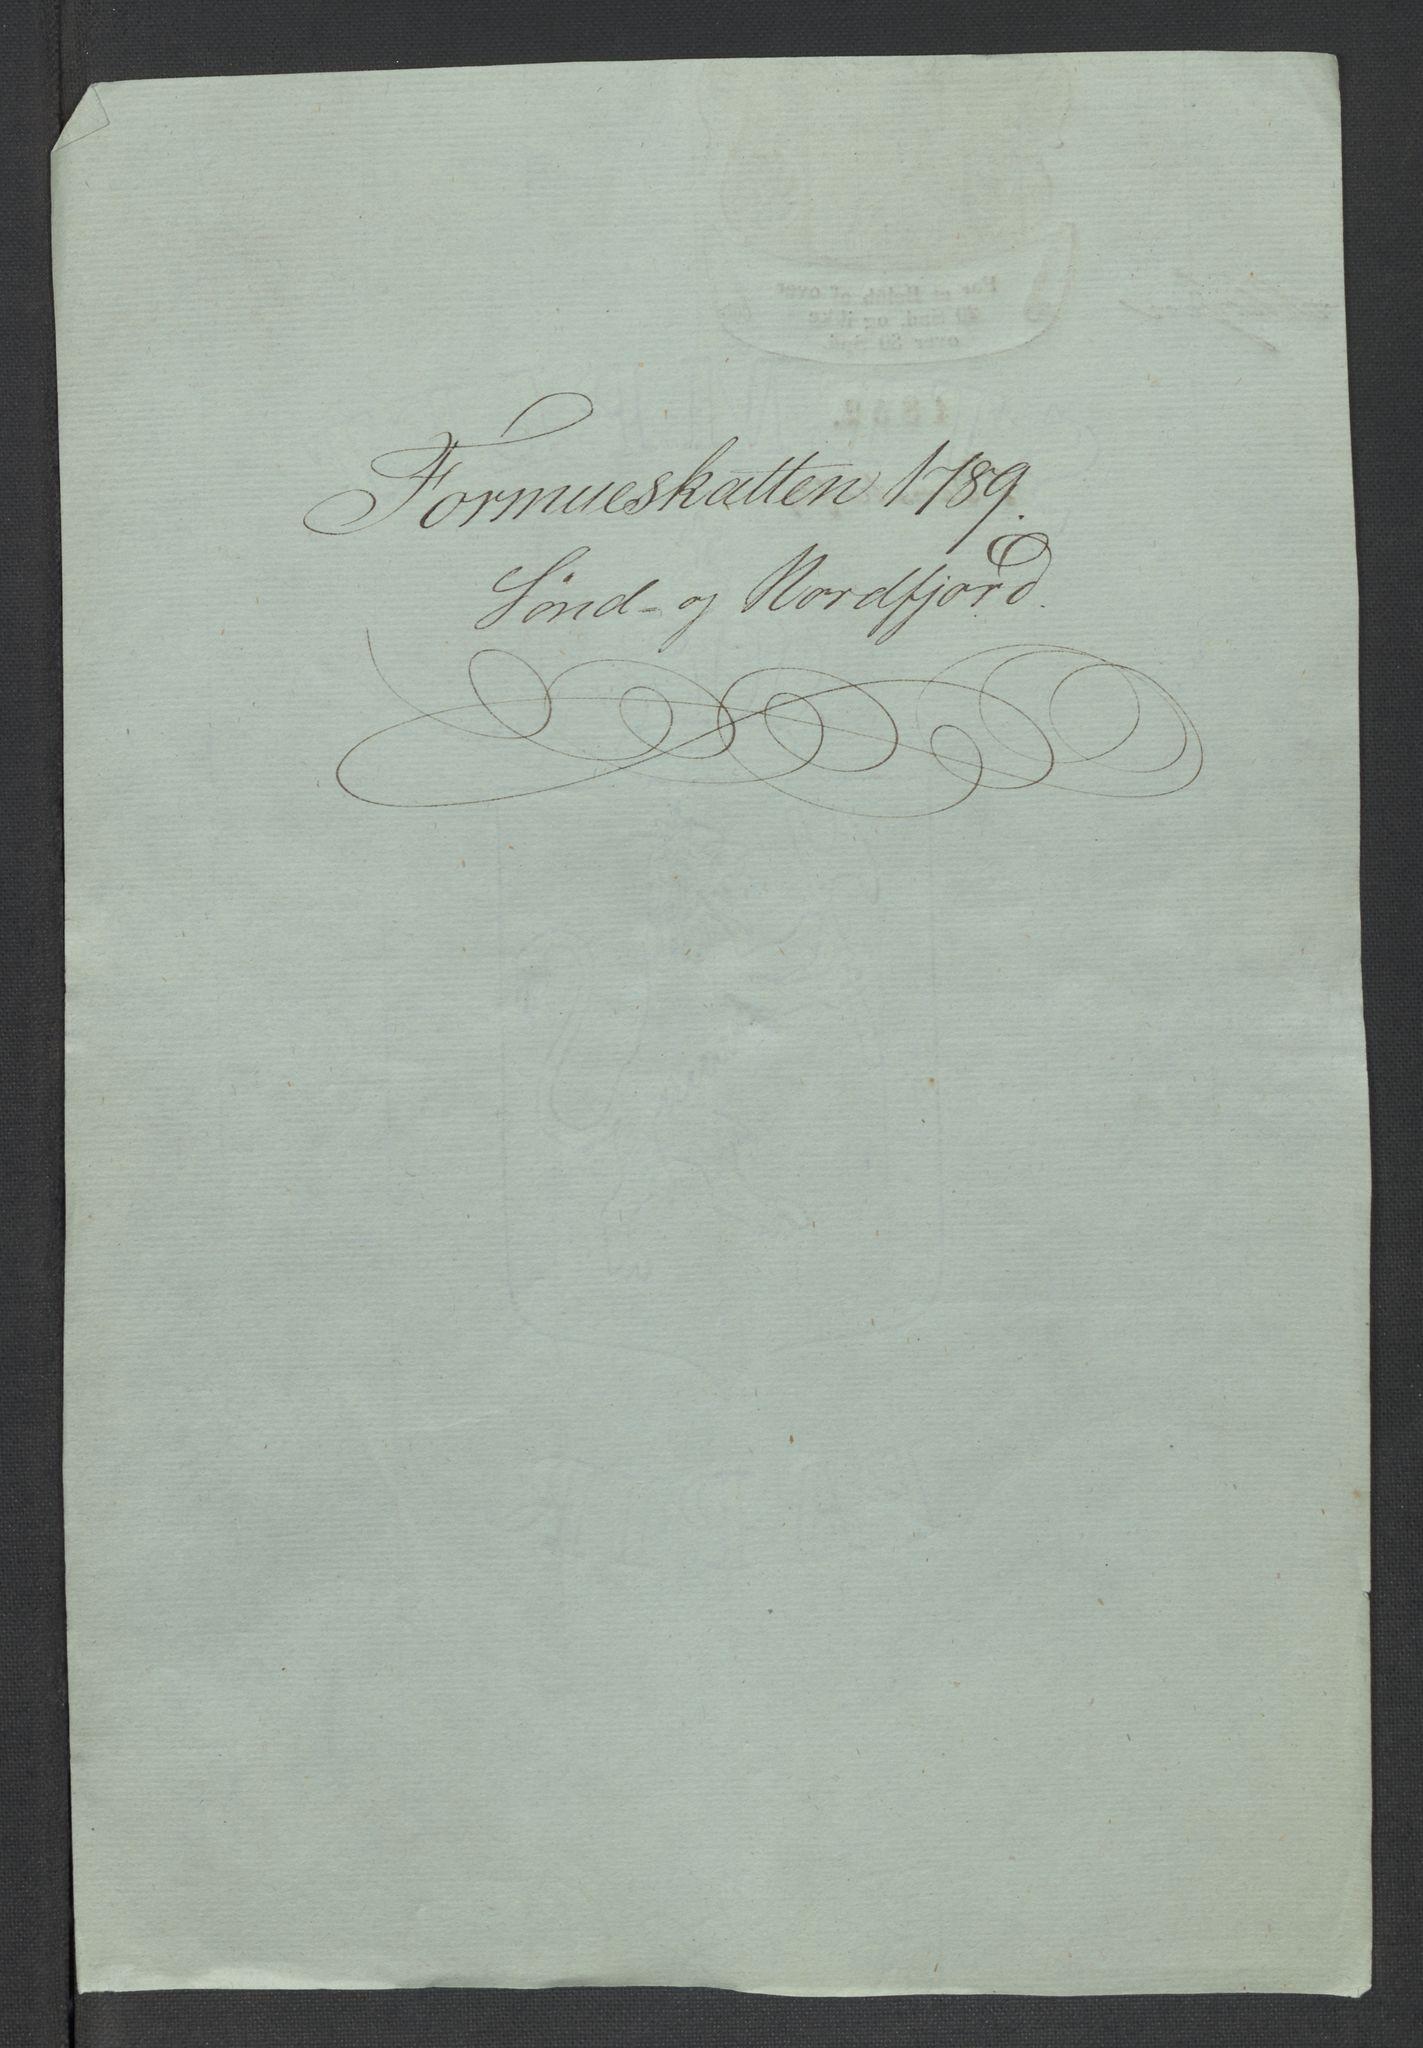 RA, Rentekammeret inntil 1814, Reviderte regnskaper, Mindre regnskaper, Rf/Rfe/L0048: Sunnfjord og Nordfjord fogderier, 1789, s. 3